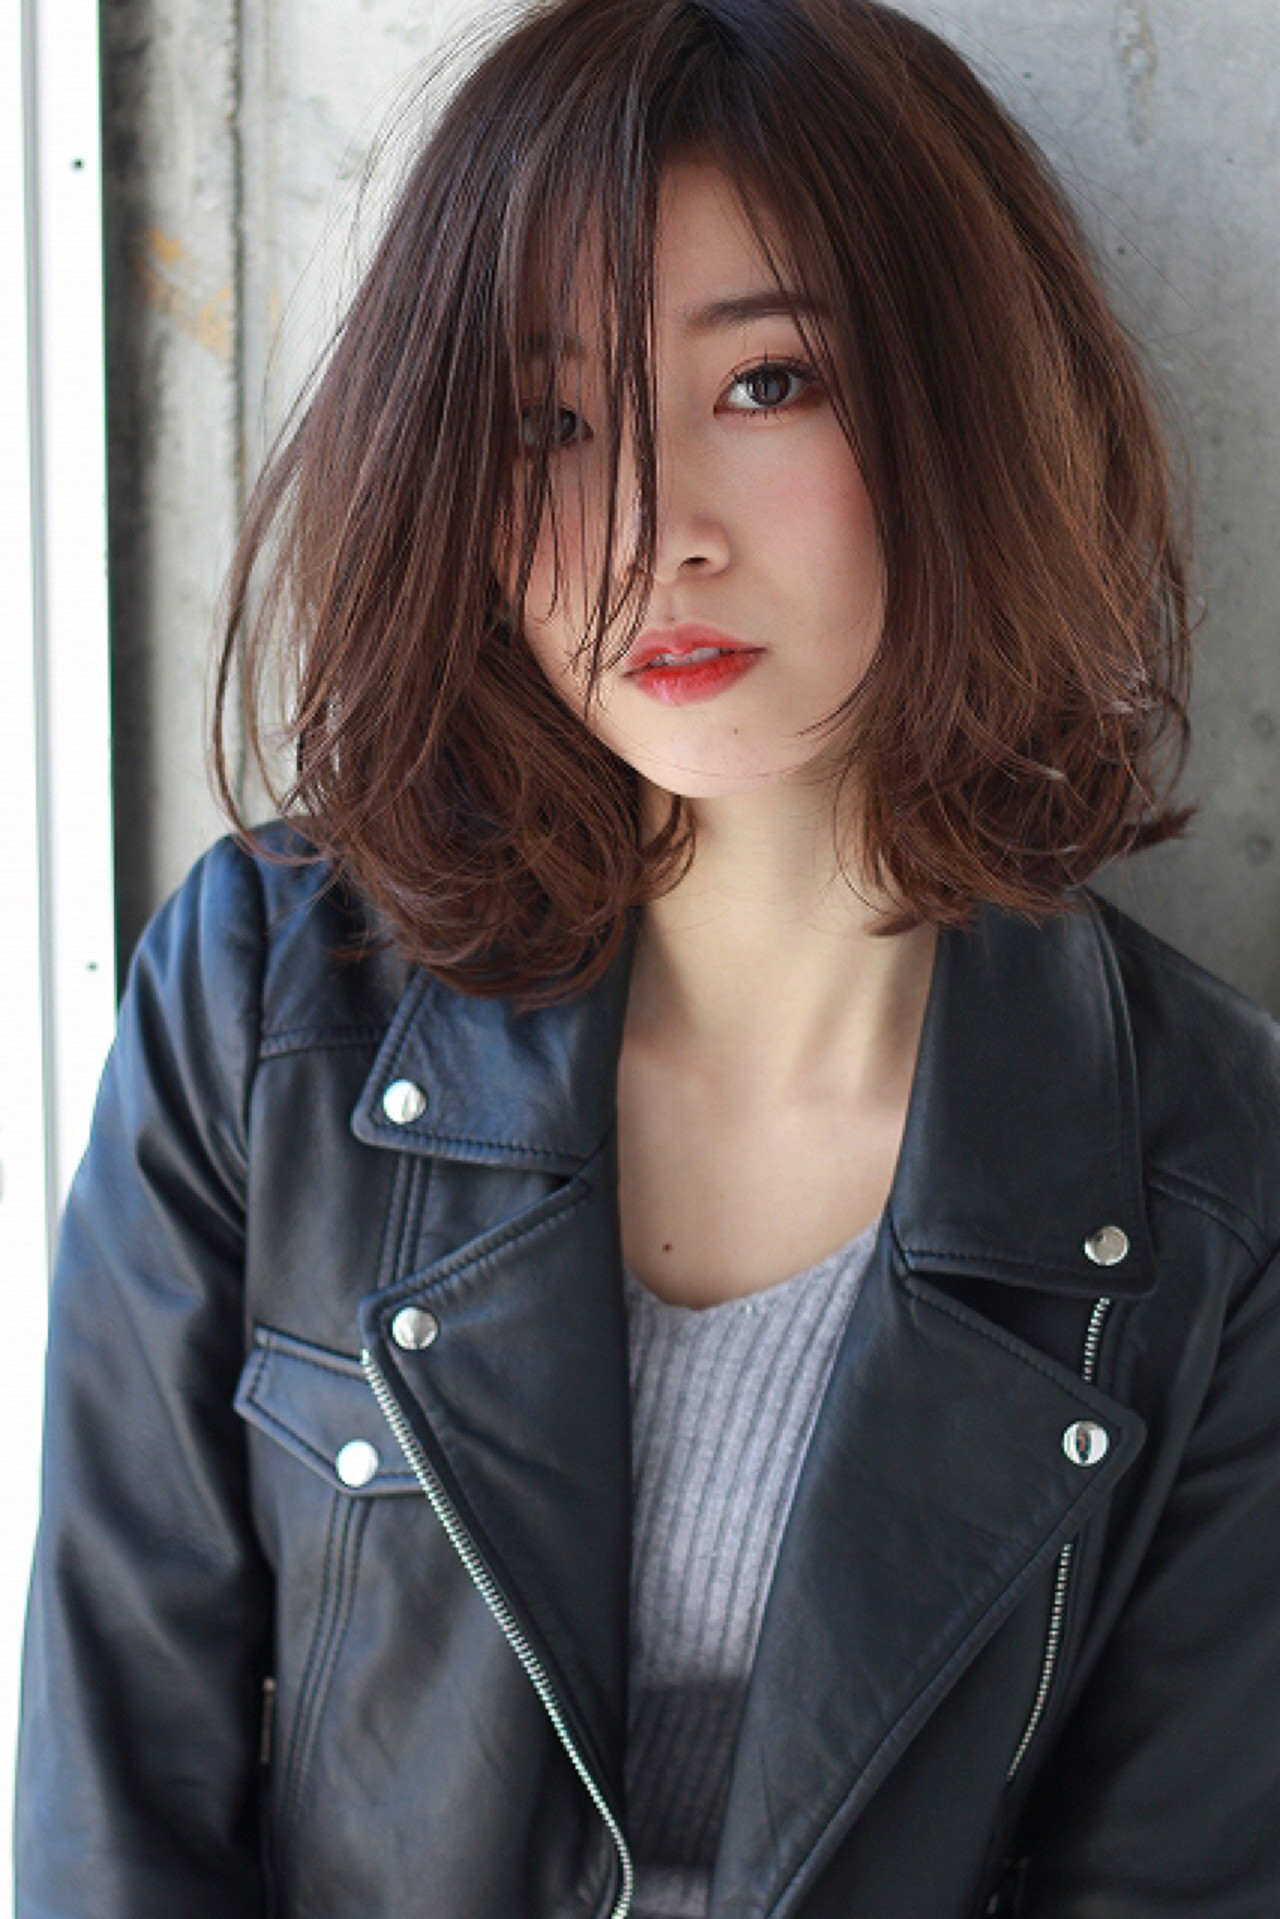 ミディアム 小顔 ニュアンス 外国人風 ヘアスタイルや髪型の写真・画像